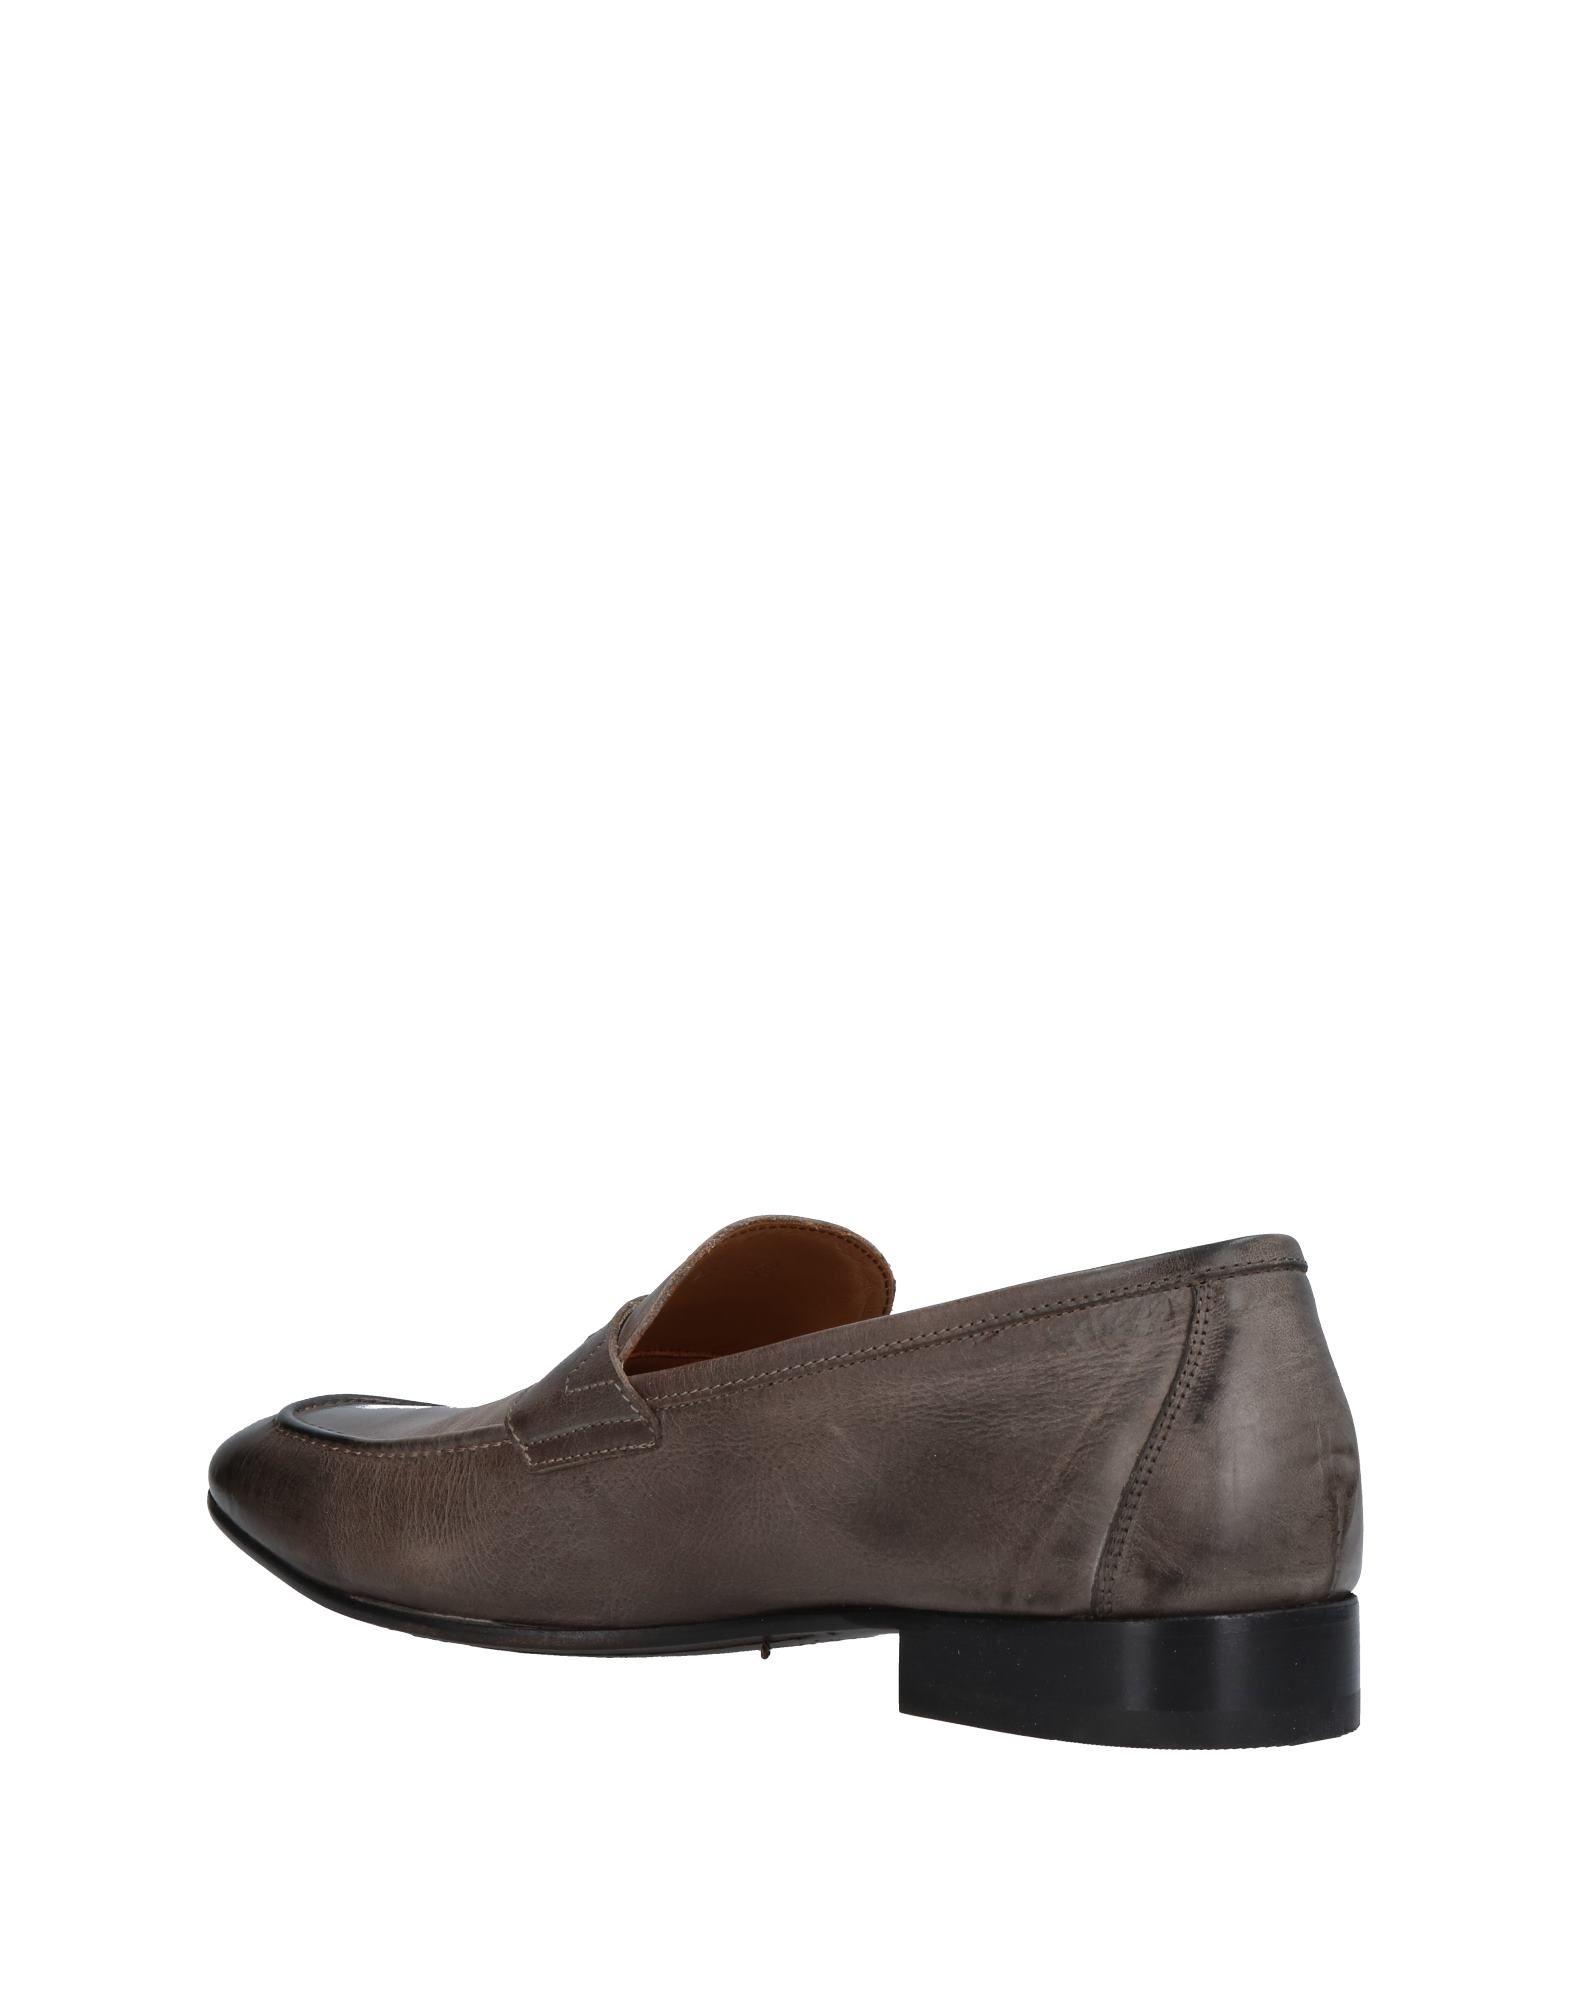 Cuoieria Herren Mokassins Herren Cuoieria  11363123UU Heiße Schuhe 280100